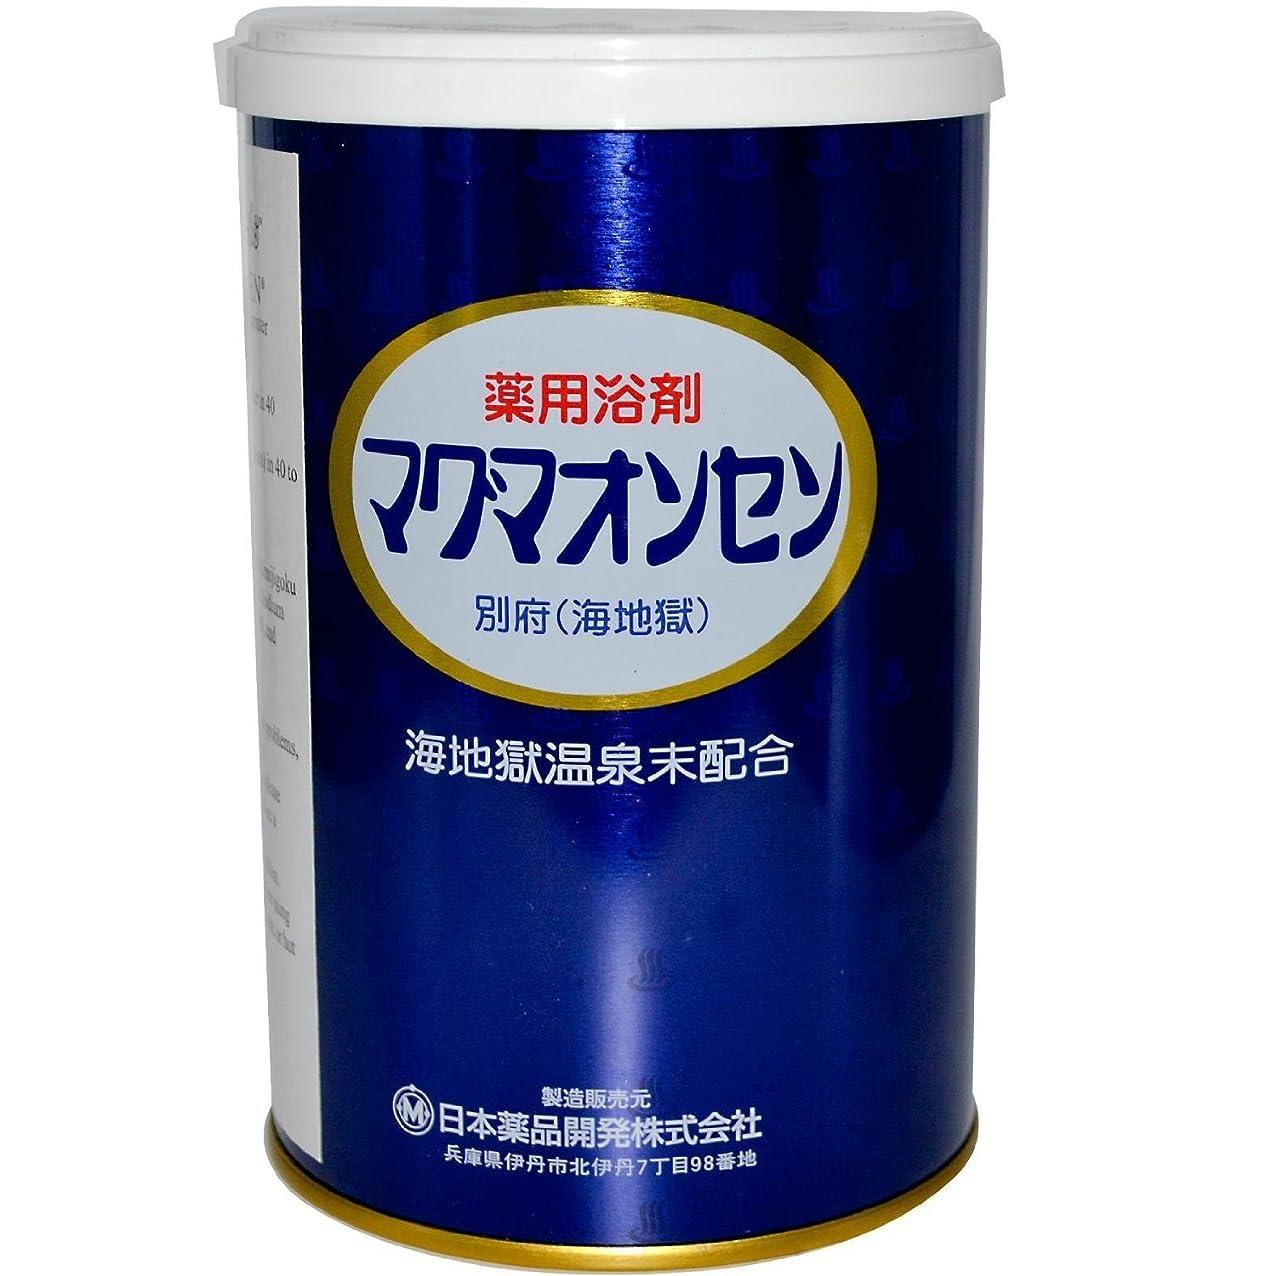 汚染されたレンドオーバーヘッドマグマオンセン別府(海地獄) 500g三缶